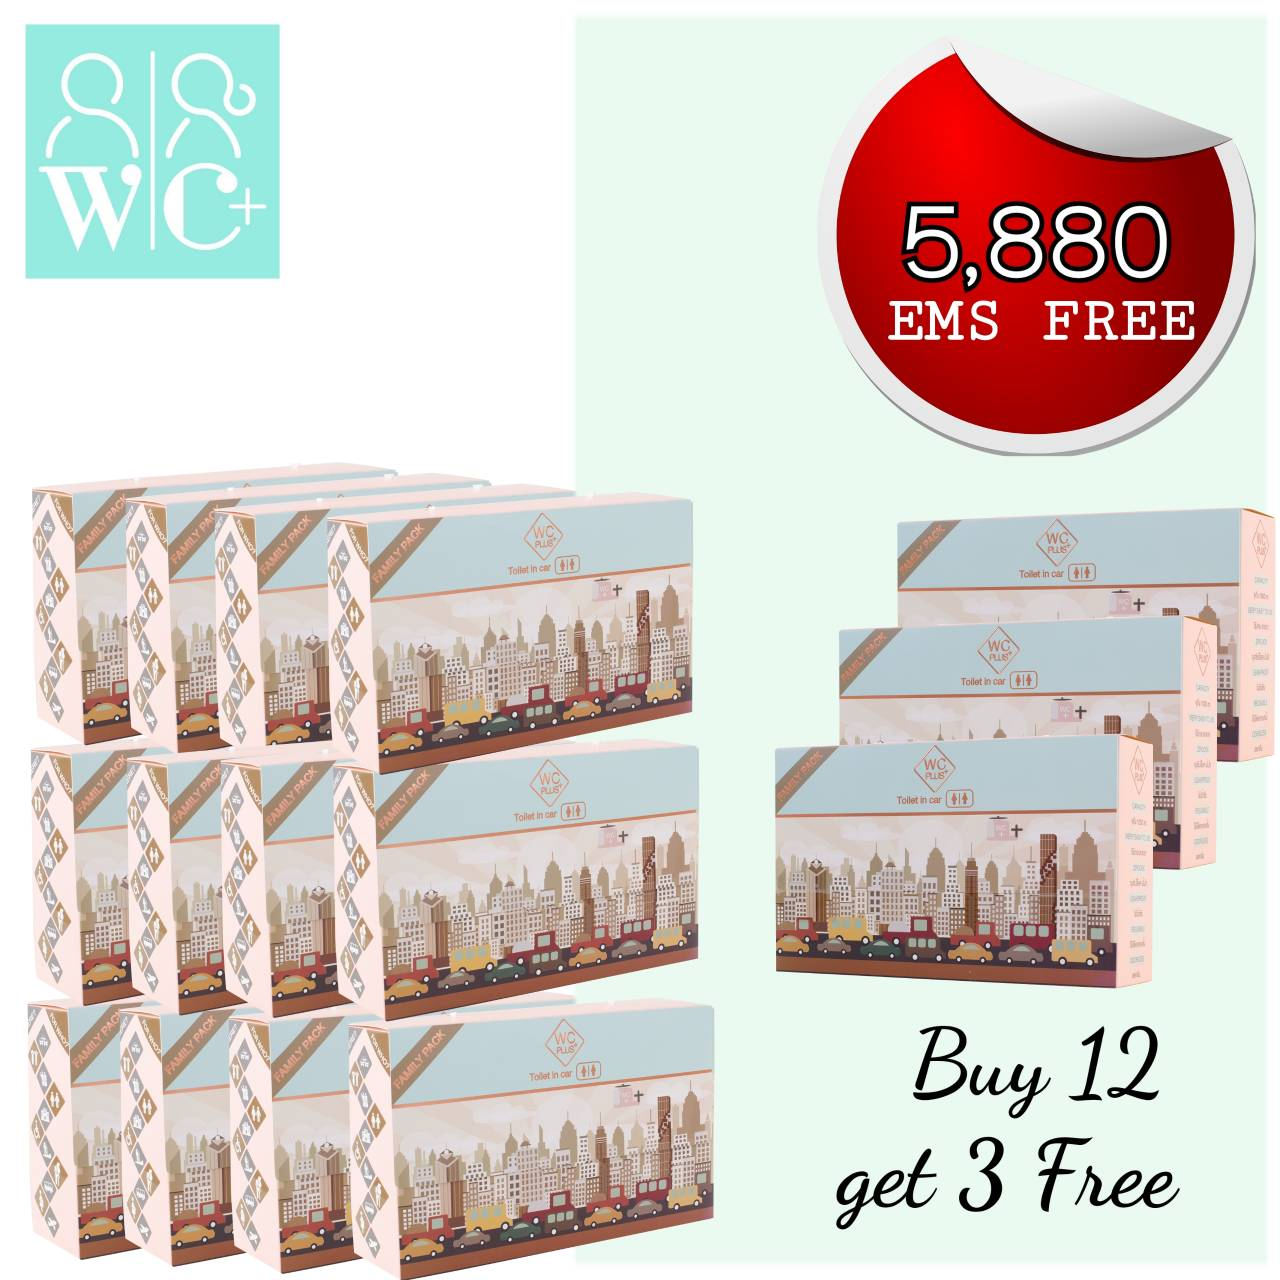 WC Peec Buy 12 get 3 FREE (EMS FREE)